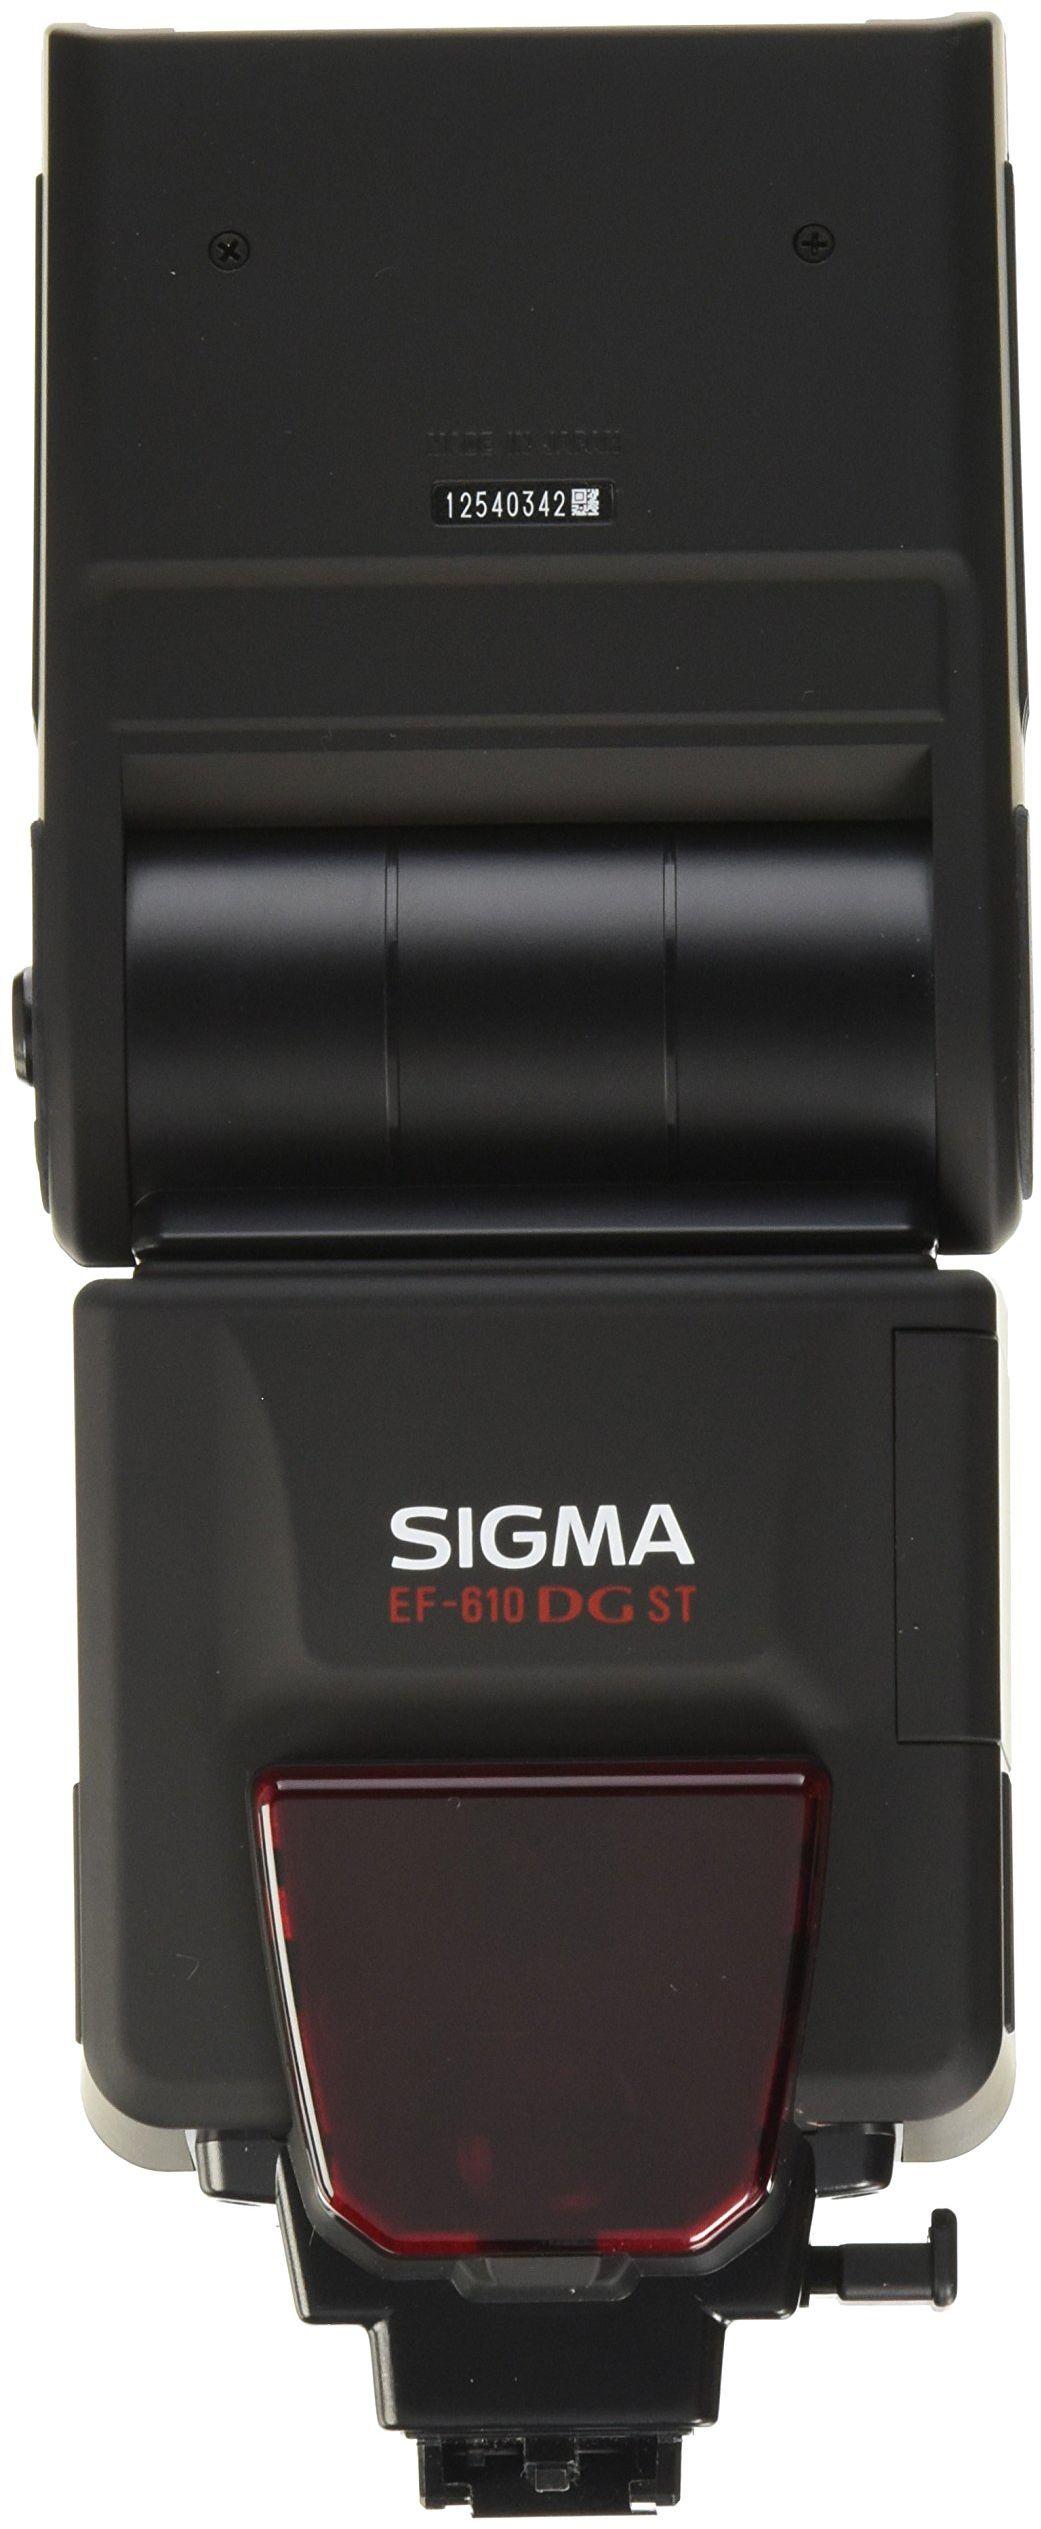 Sigma EF-610 DG ST elektroniczna lampa błyskowa do kamer Sony SLR